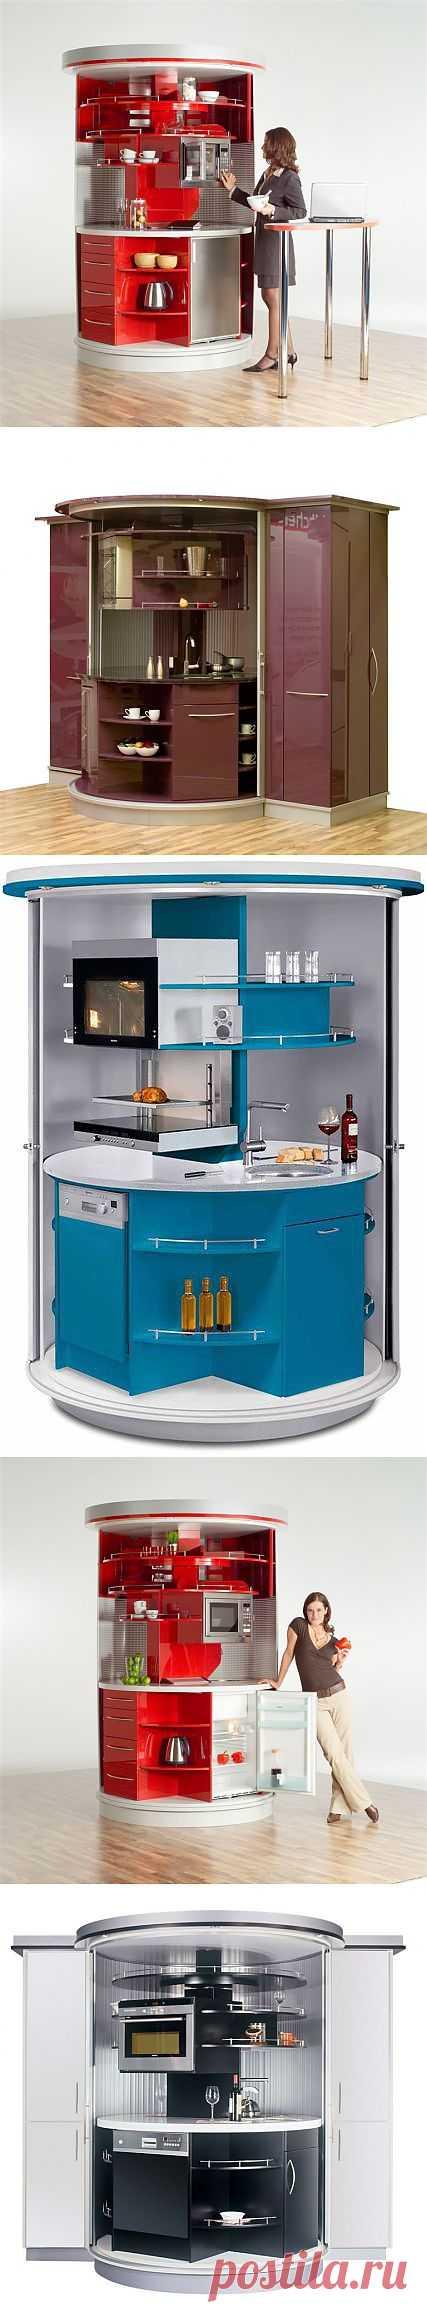 Дизайн вращающейся компактной кухни   Наш уютный дом